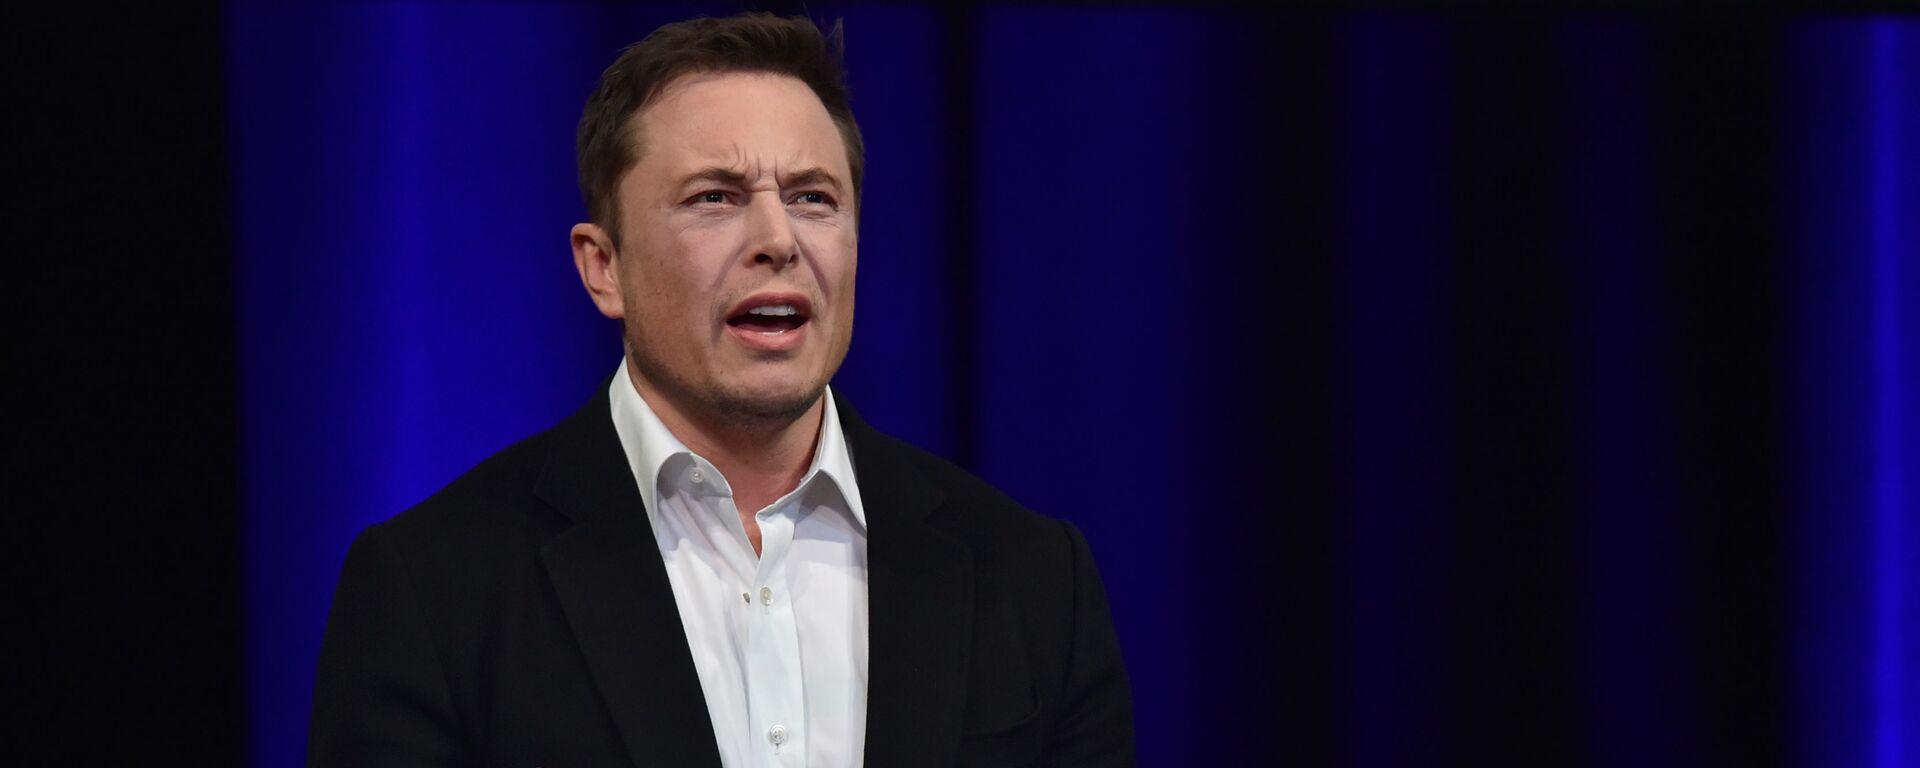 Zakladatel společností Tesla a SpaceX Elon Musk - Sputnik Česká republika, 1920, 20.05.2021